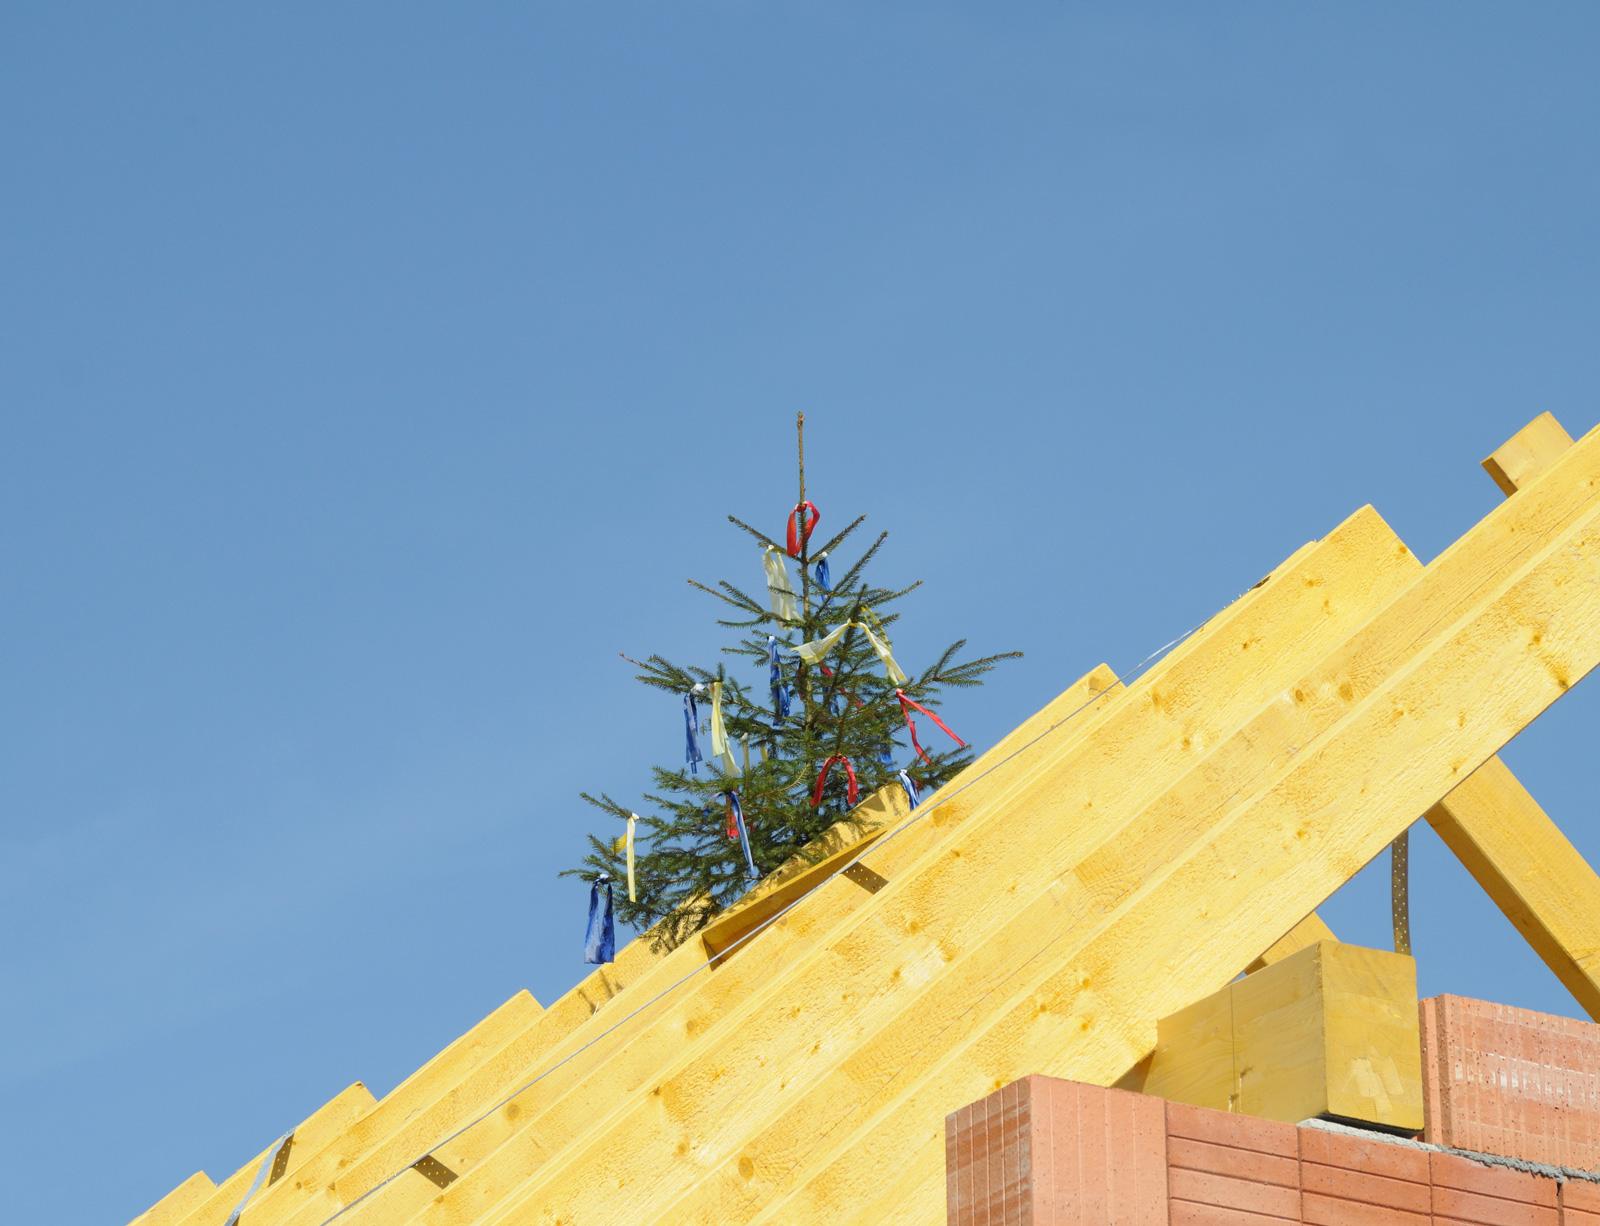 Bewegender Meilenstein: Mit der Dachgleiche wird das Entstehen eines neuen Zuhauses gefeiert.